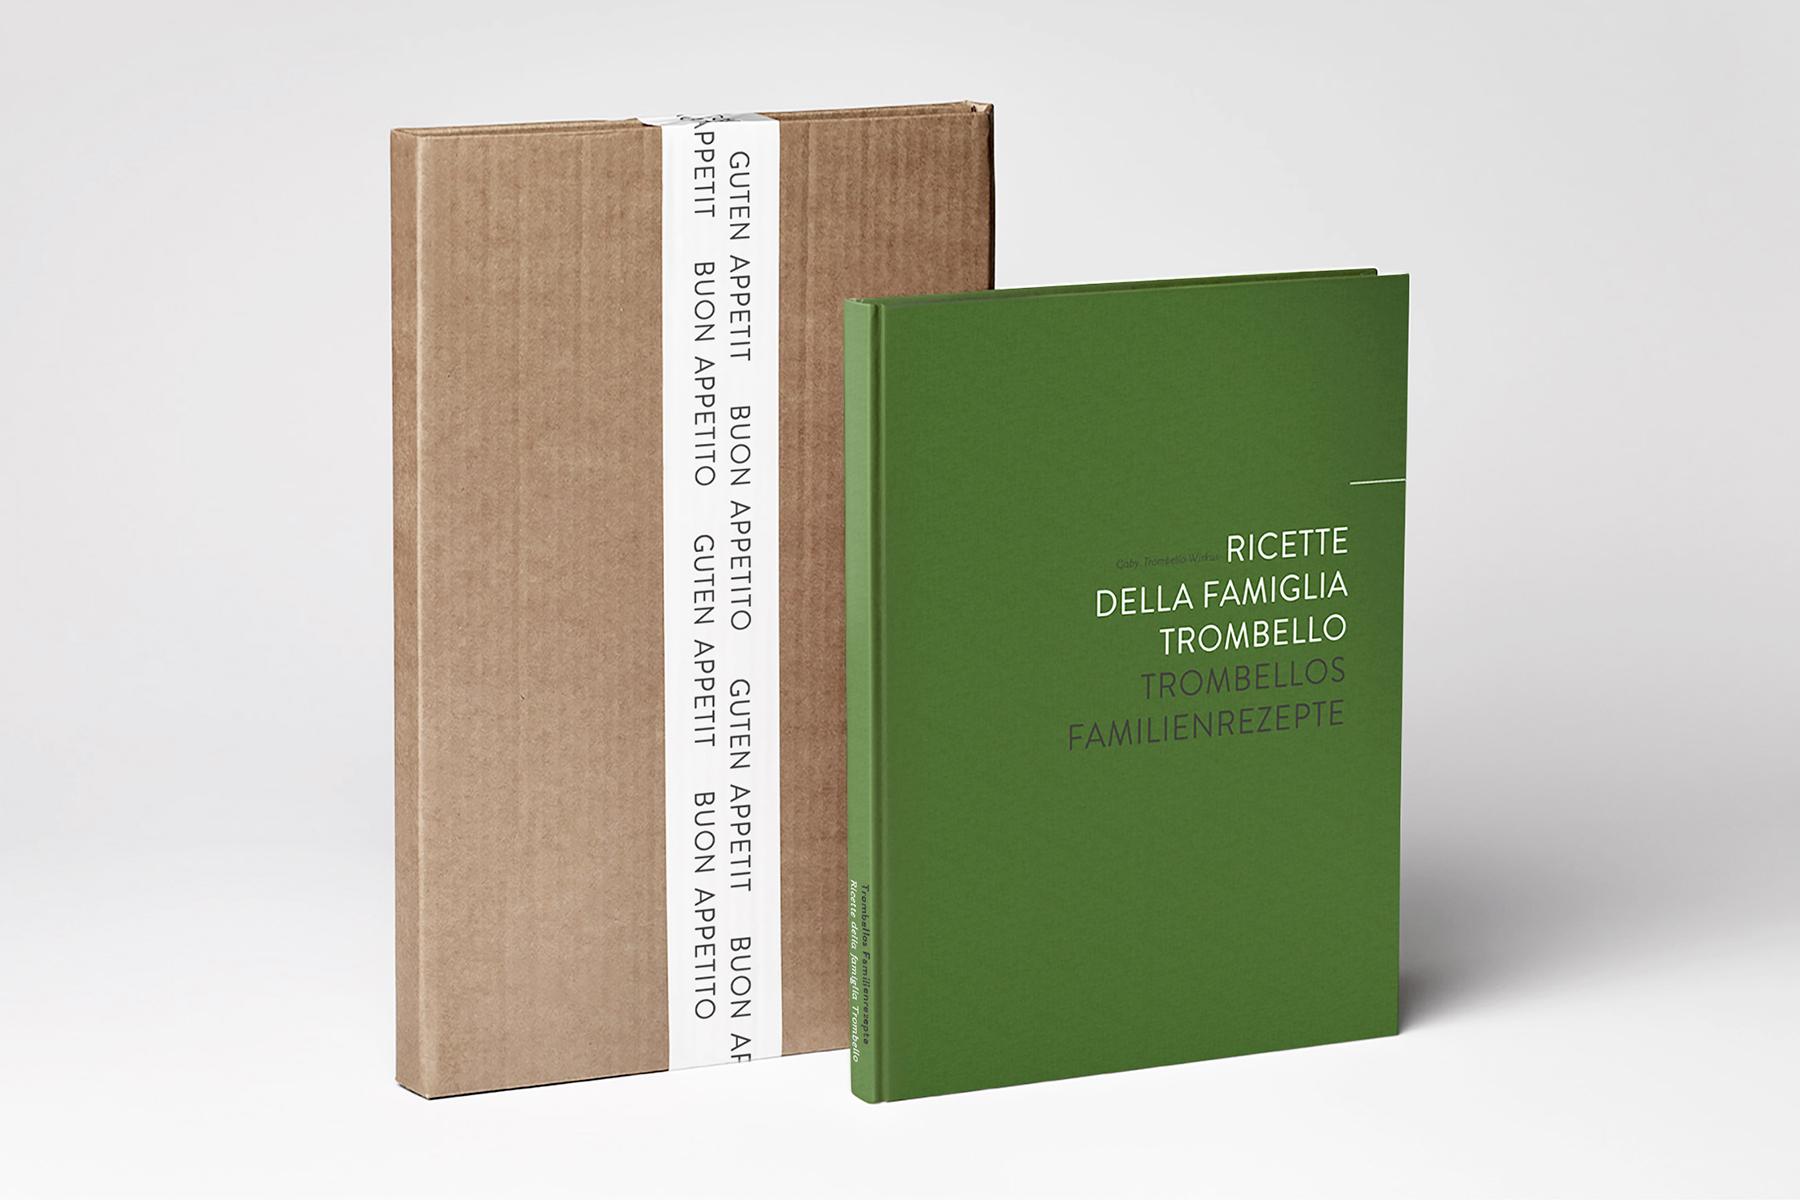 Ricette di famiglia / Book Design